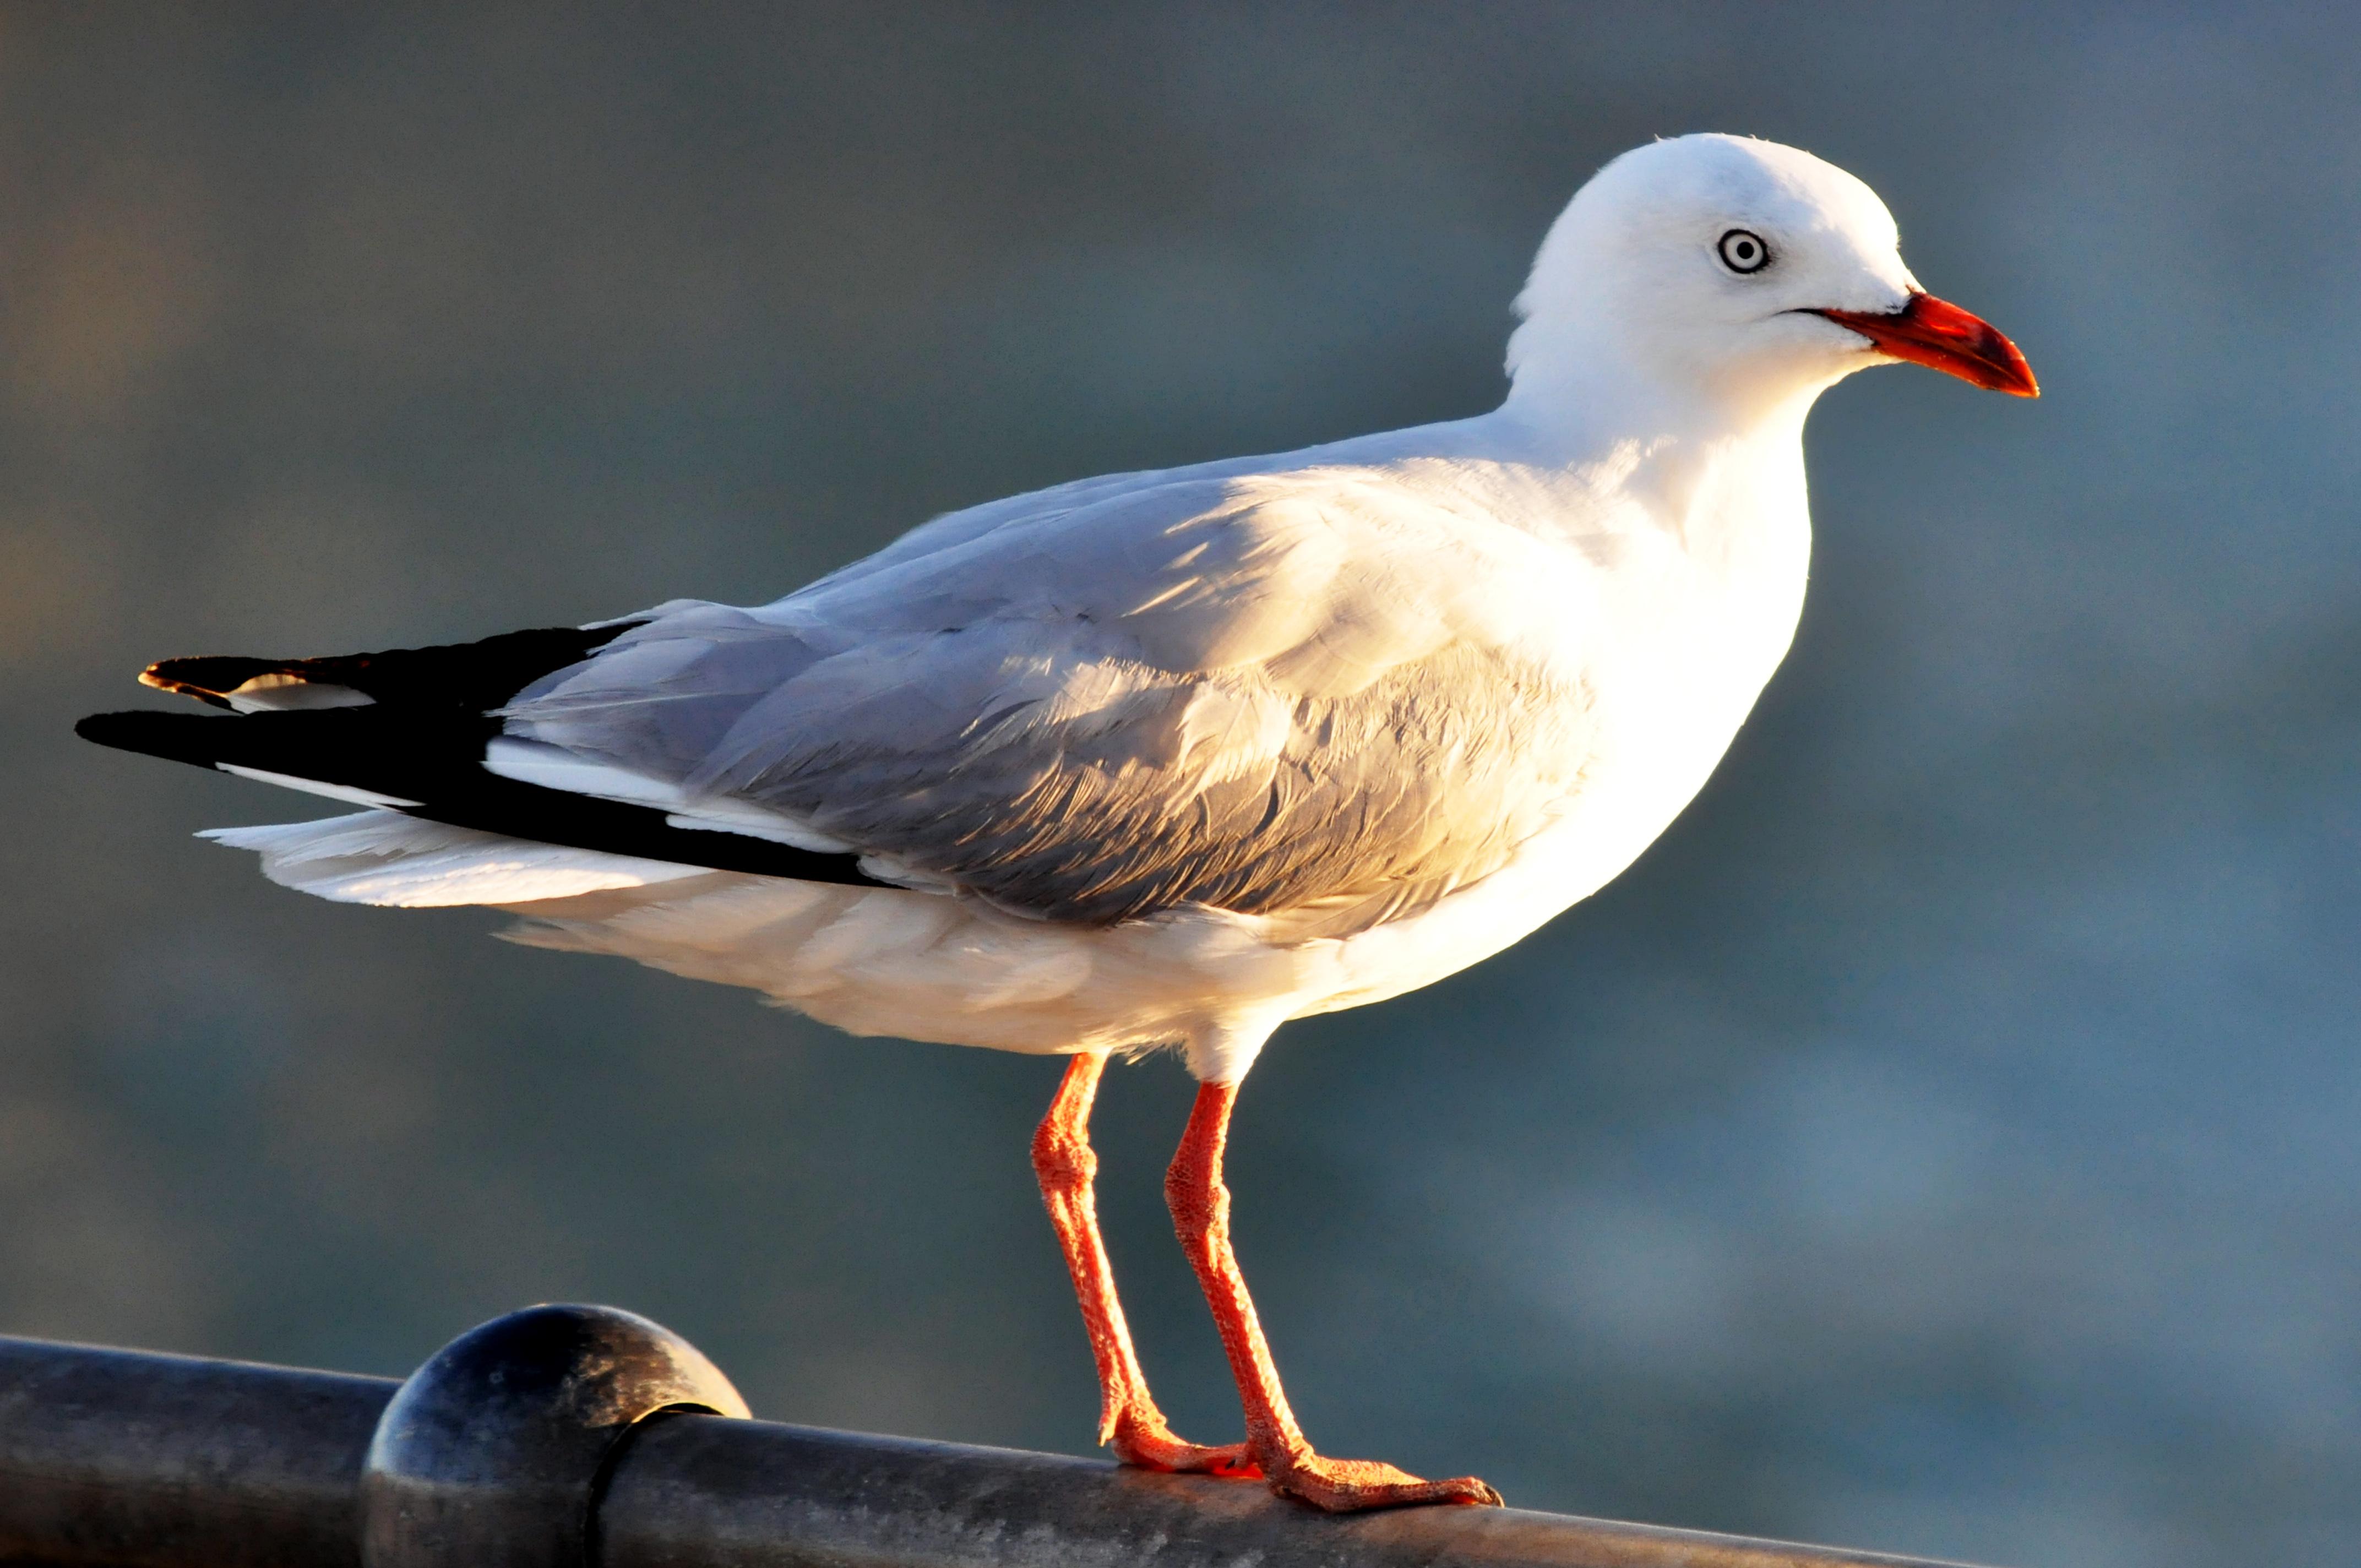 Cunning Seagulls